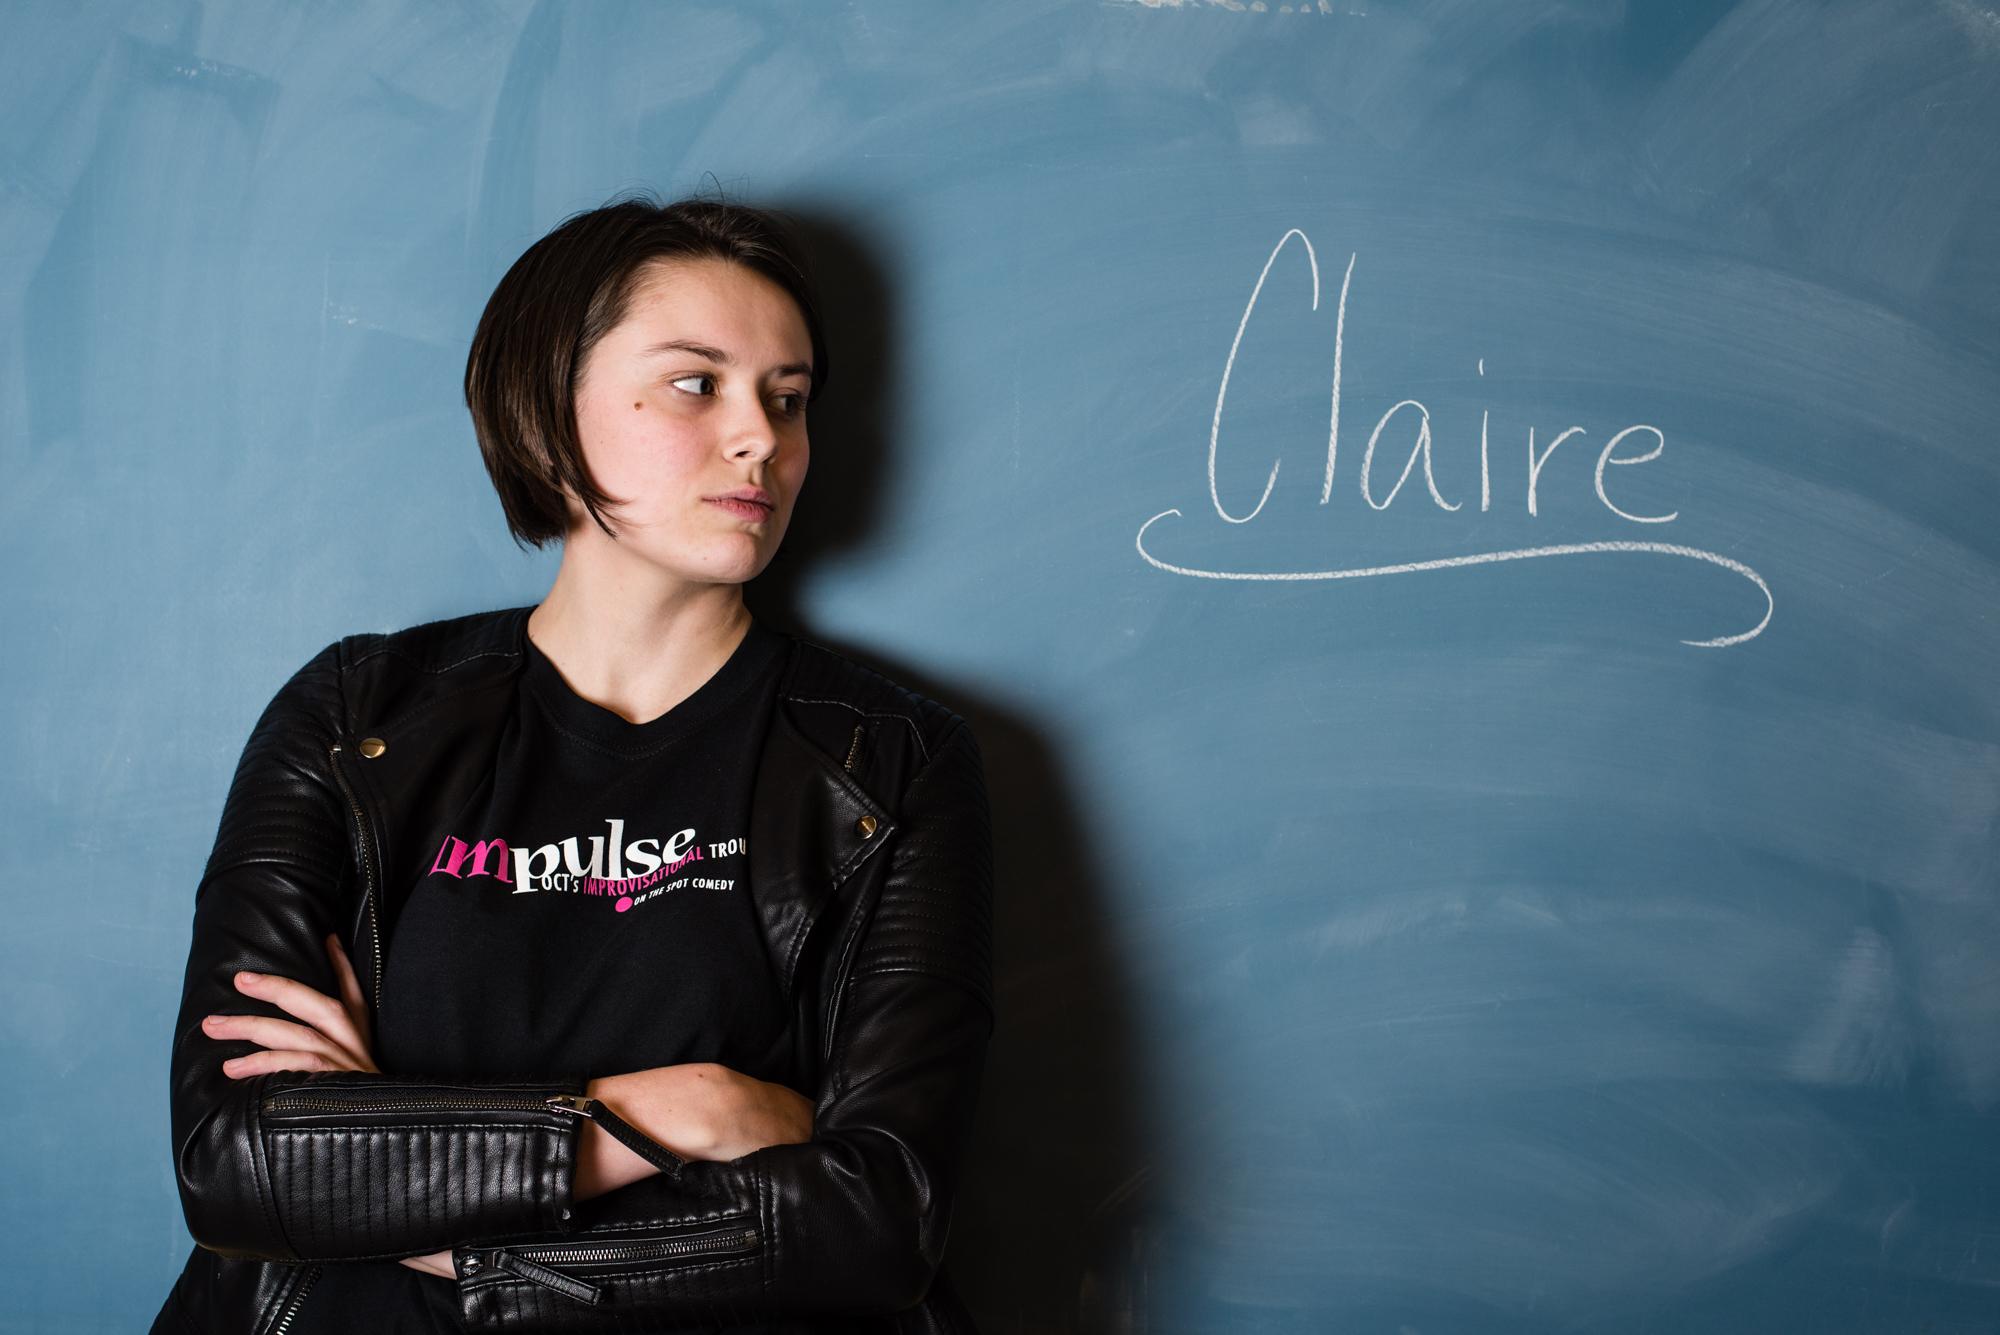 Claire Voilleque ; Impulse  2019. Photo by Briana Cerezo.